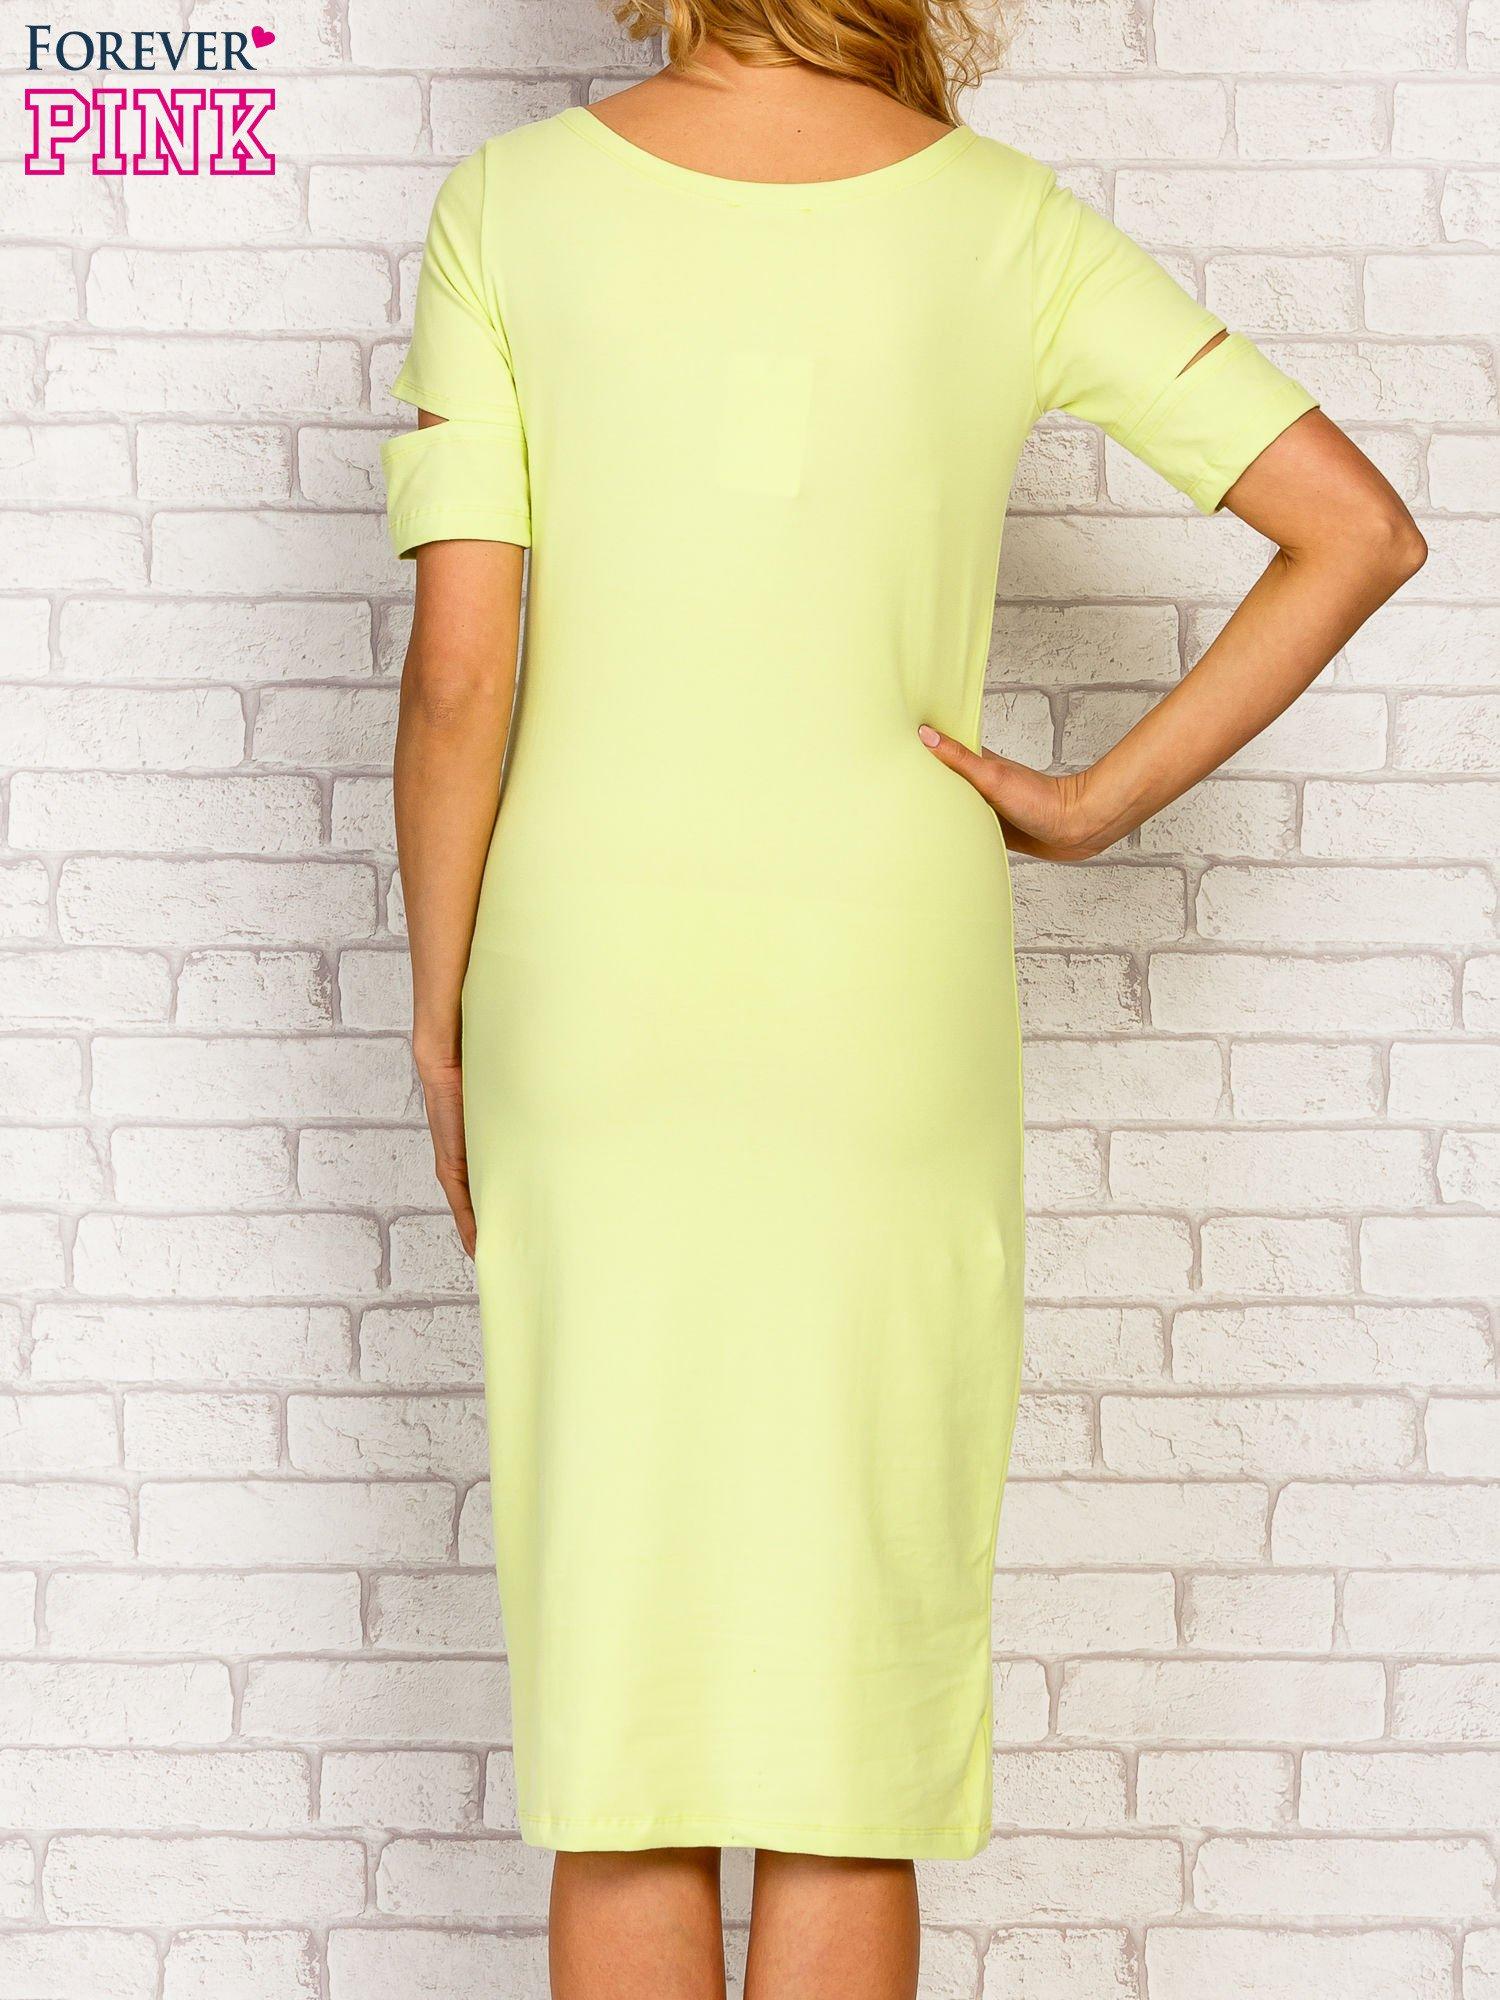 Limonkowa sukienka z rozcięciami na rękawach                                  zdj.                                  2